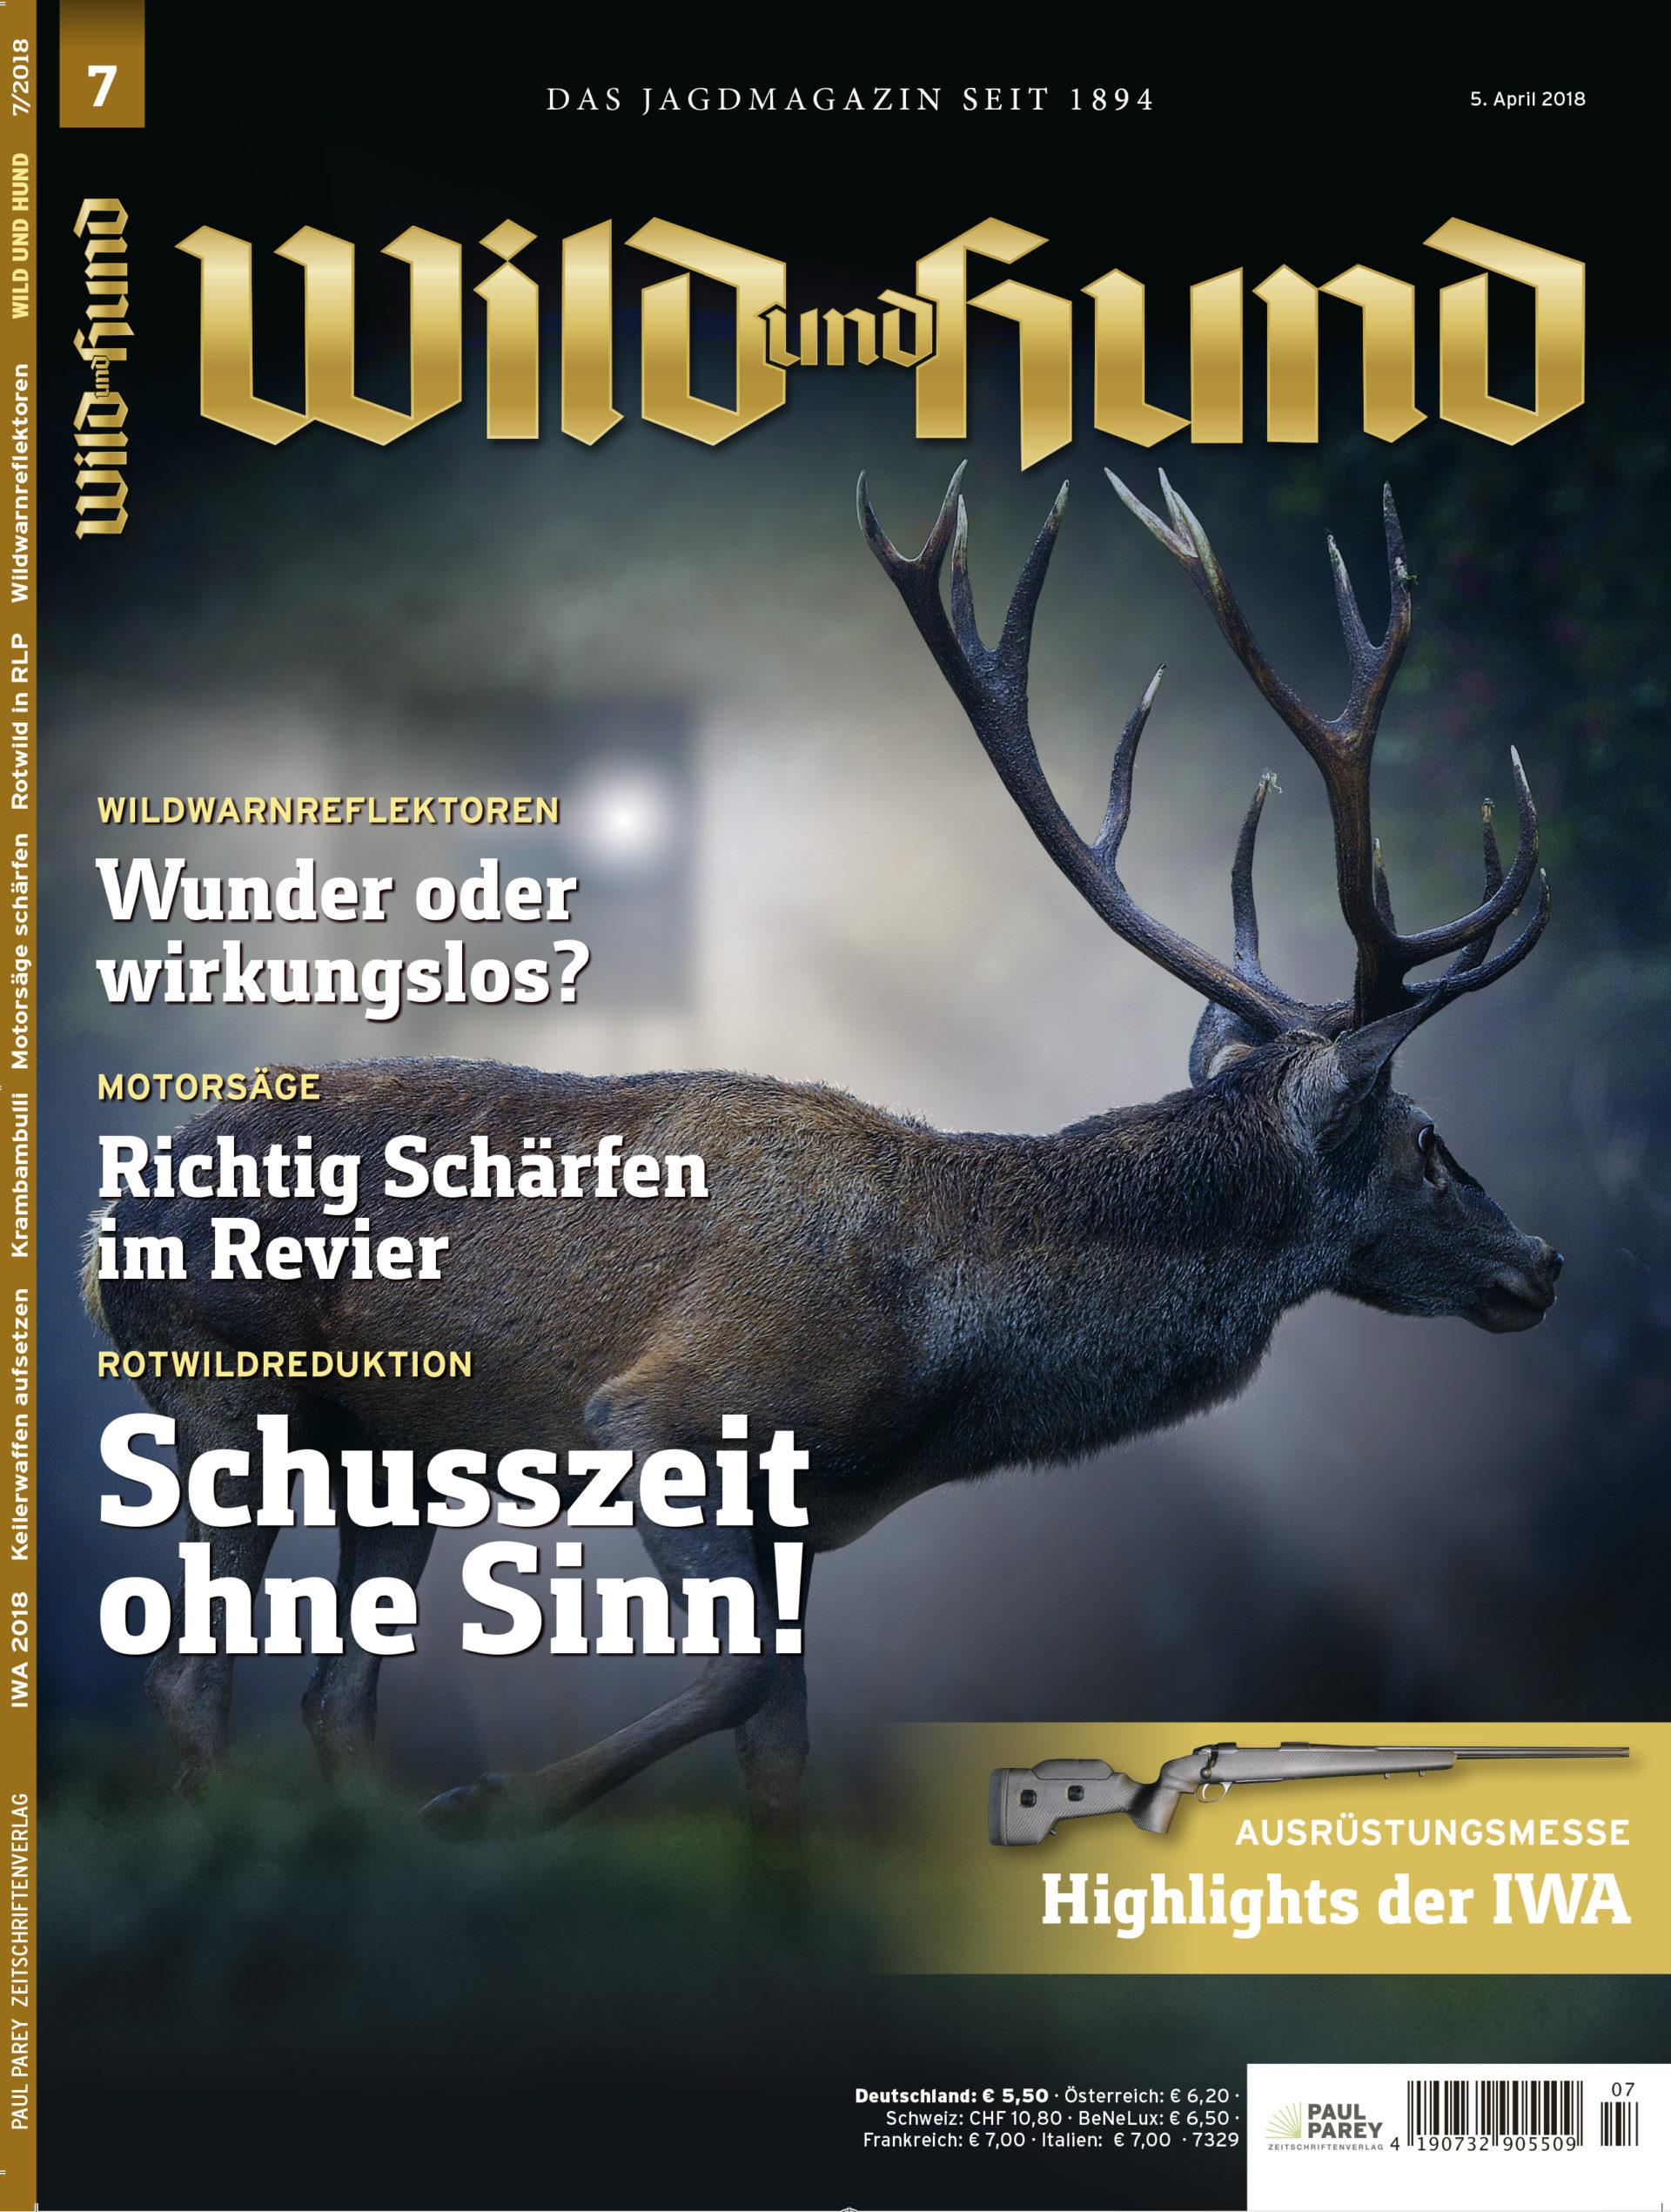 WILD UND HUND Heftvorschau 7/2018 - WILD UND HUND